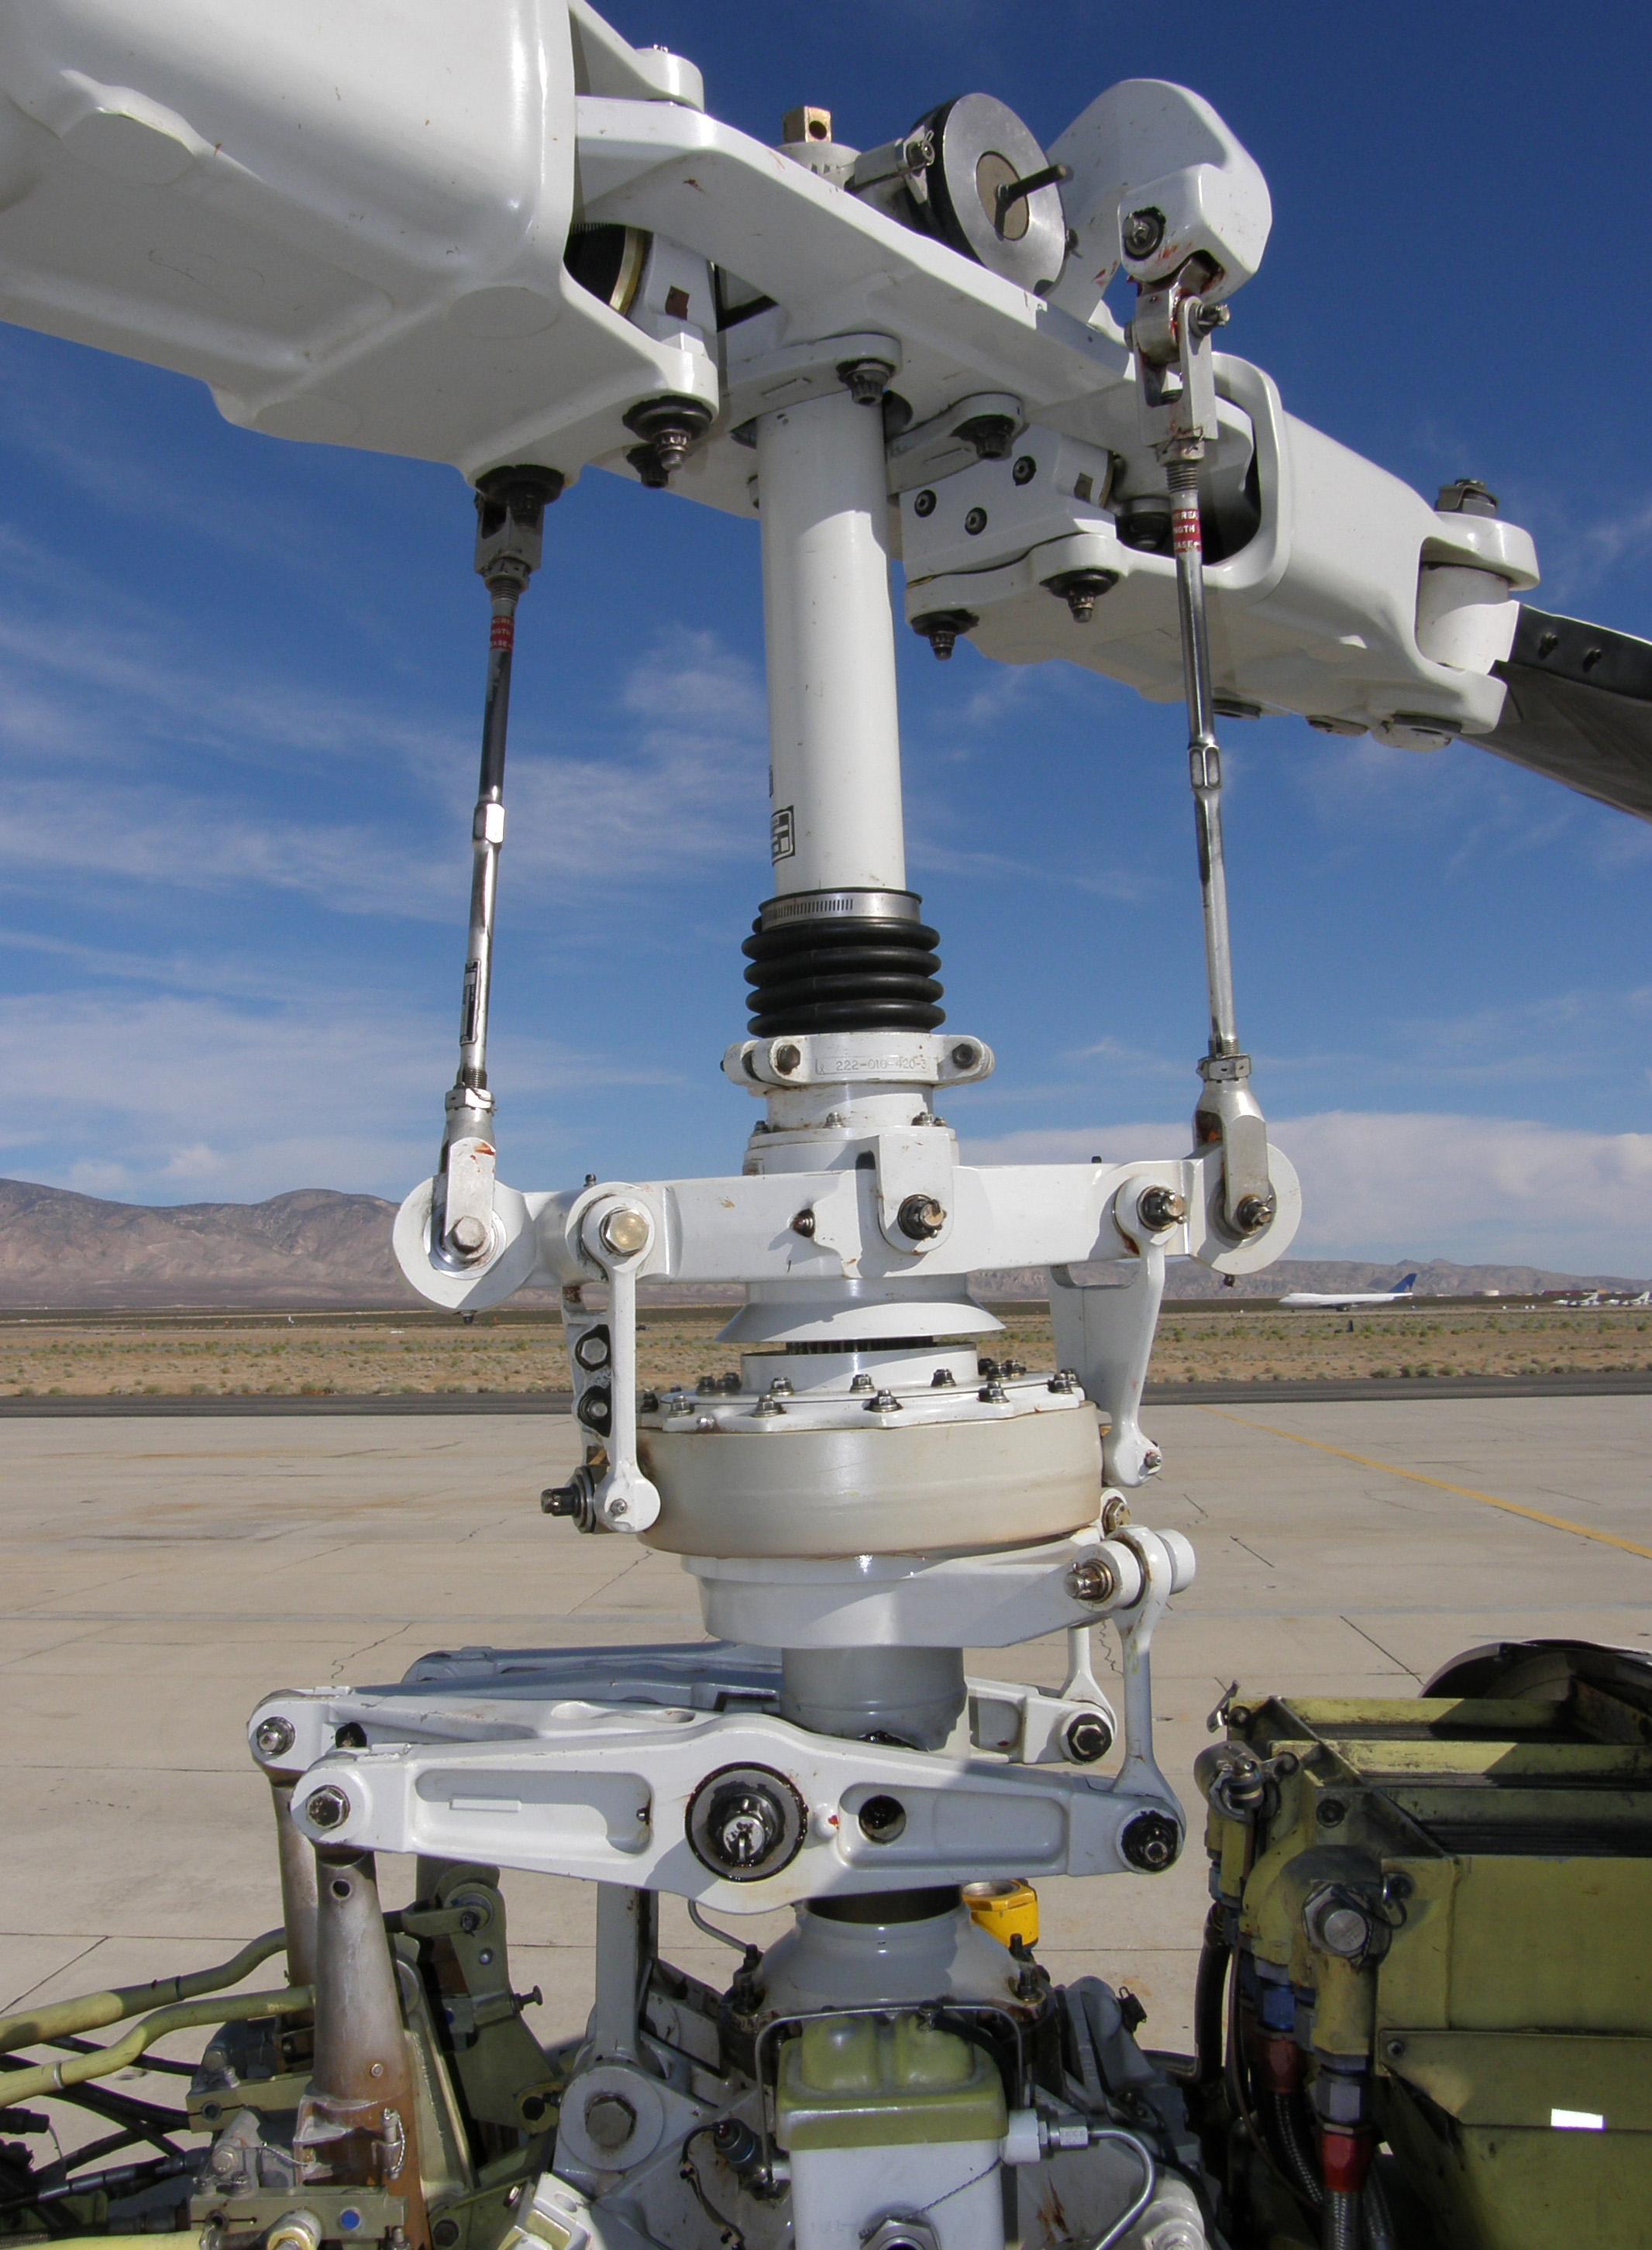 File:Bht222U rotorhead aradecki.jpg - Wikimedia Commons